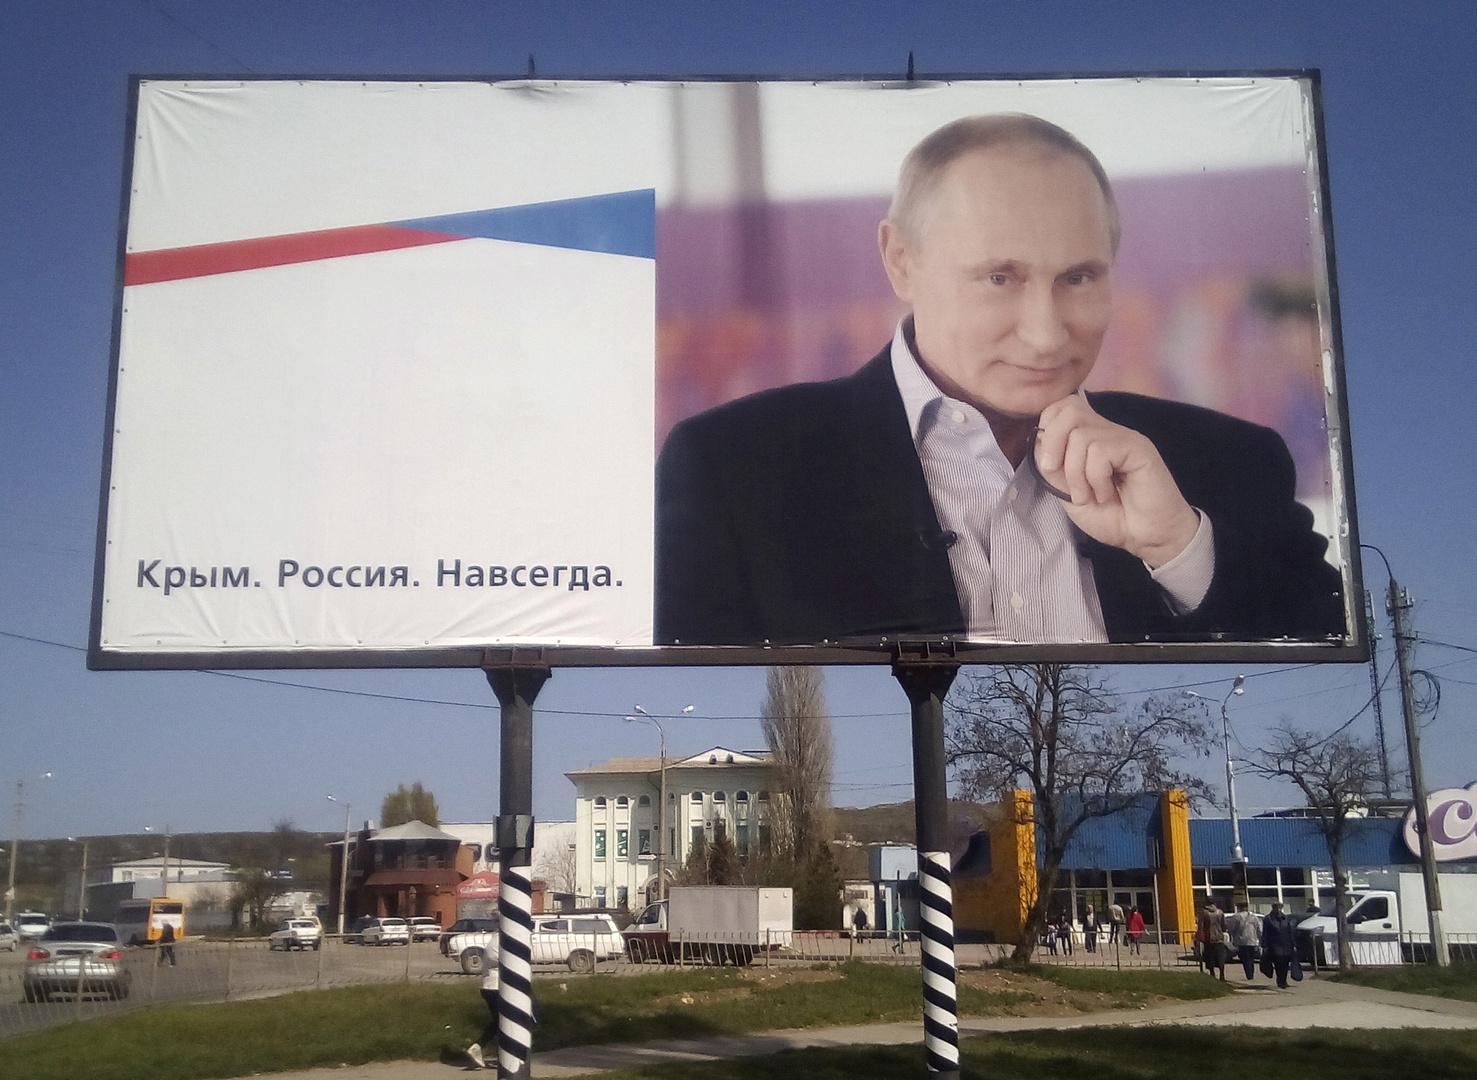 لافتة بصورة الرئيس الروسي فلاديمير بوتين - شبه جزيرة القرم